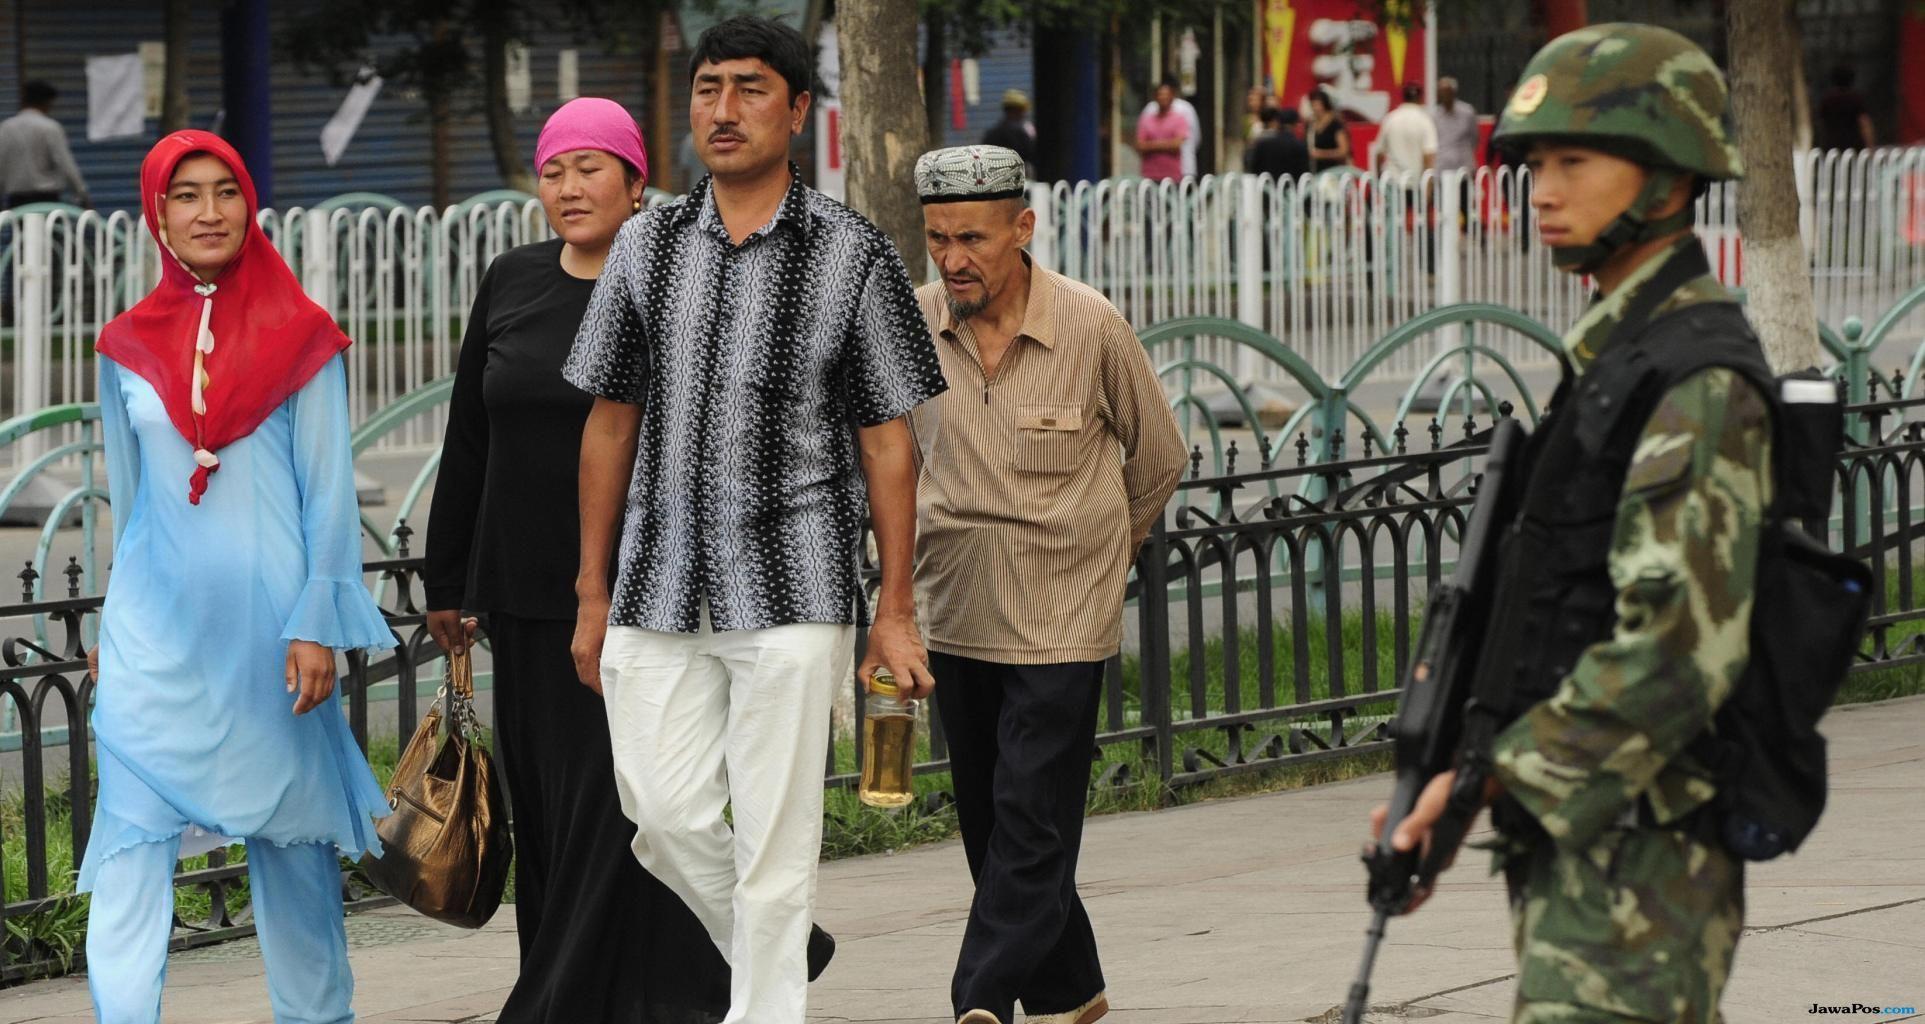 muslim uighur, xinjiang, tiongkok,